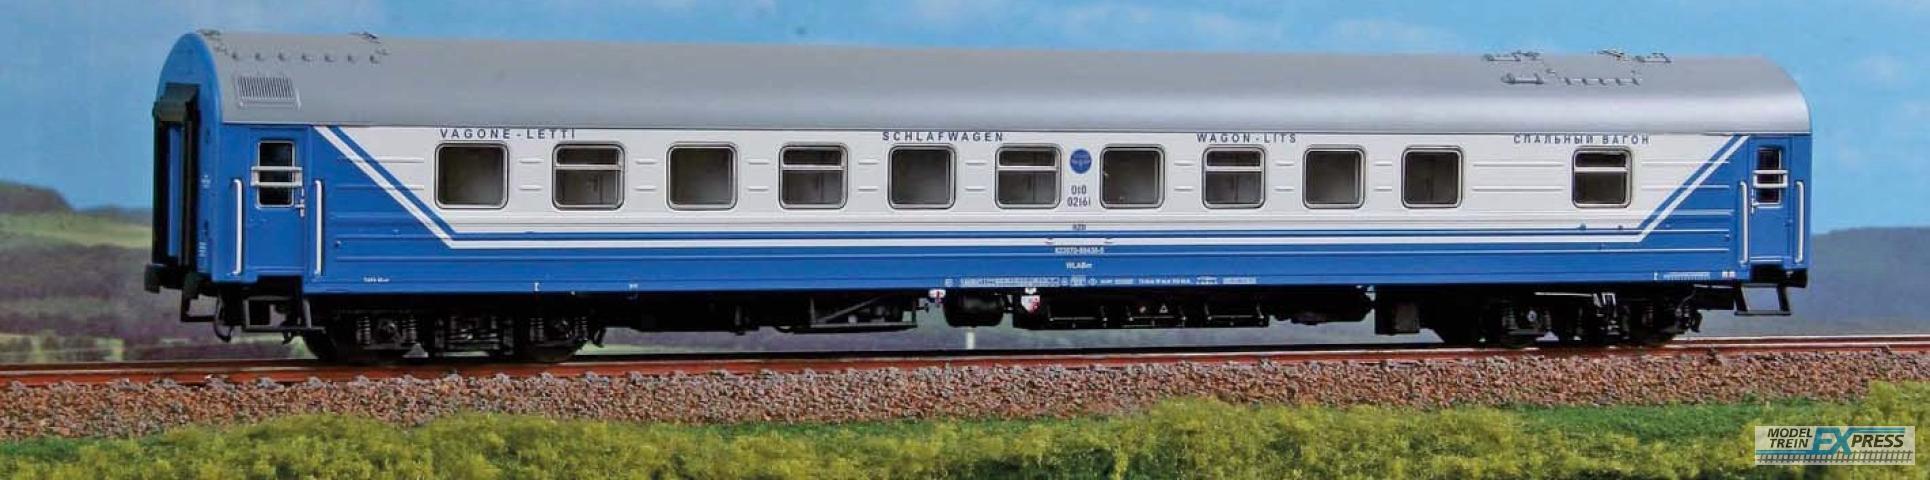 ACME 52104